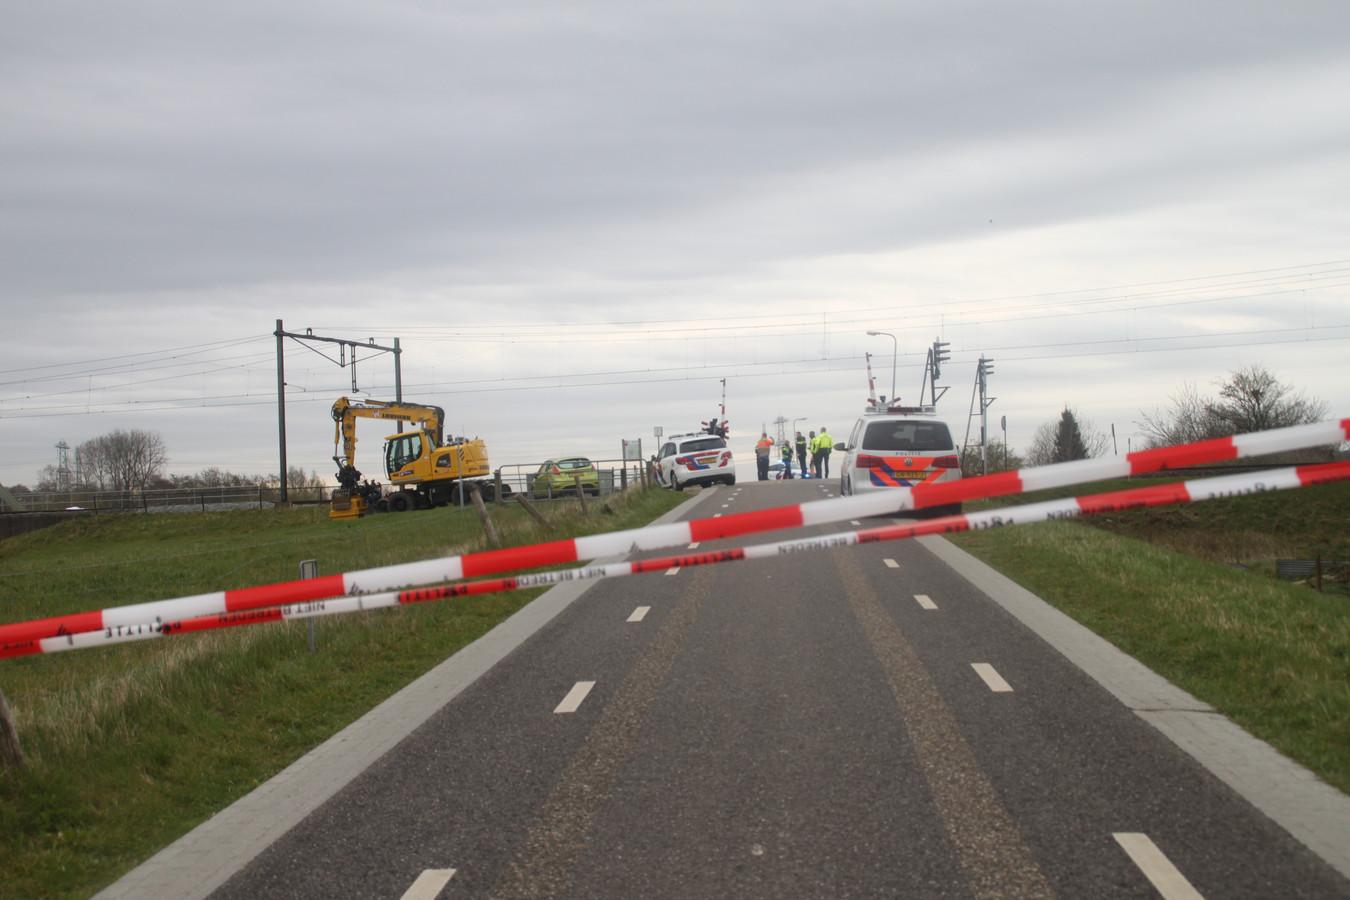 Politiemensen en medewerkers van spoorwegbeheerder ProRail zetten het gebied af rond de vindplaats van een lichaam.